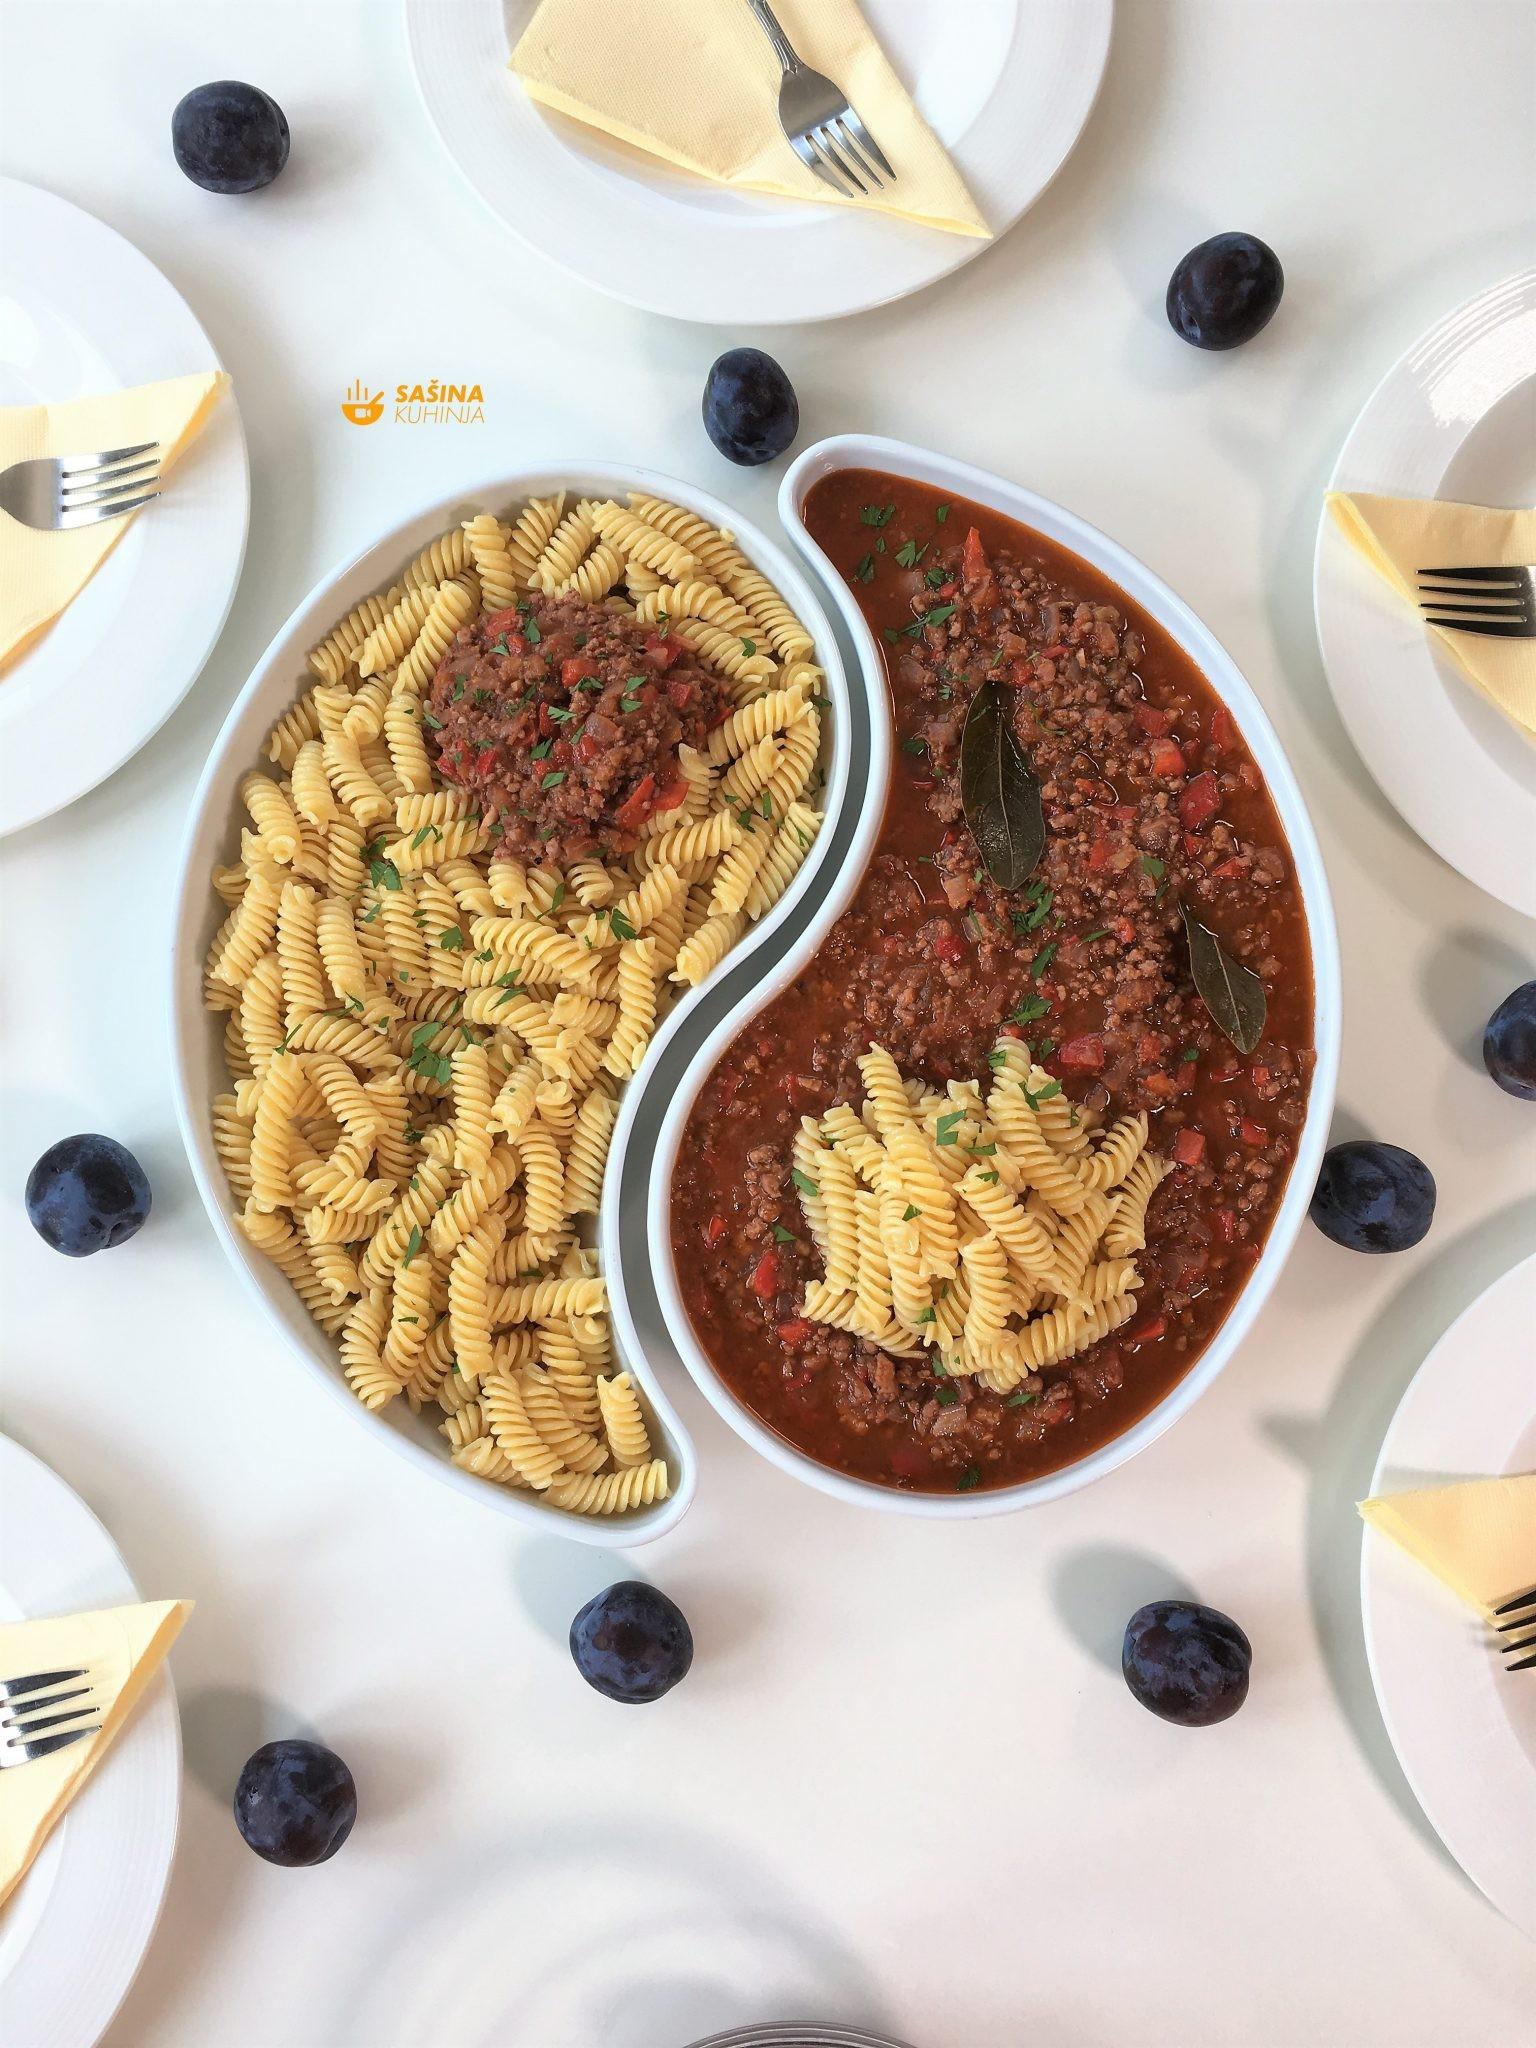 pasta ili tjestenina sa mljevenim mesom i šljivama